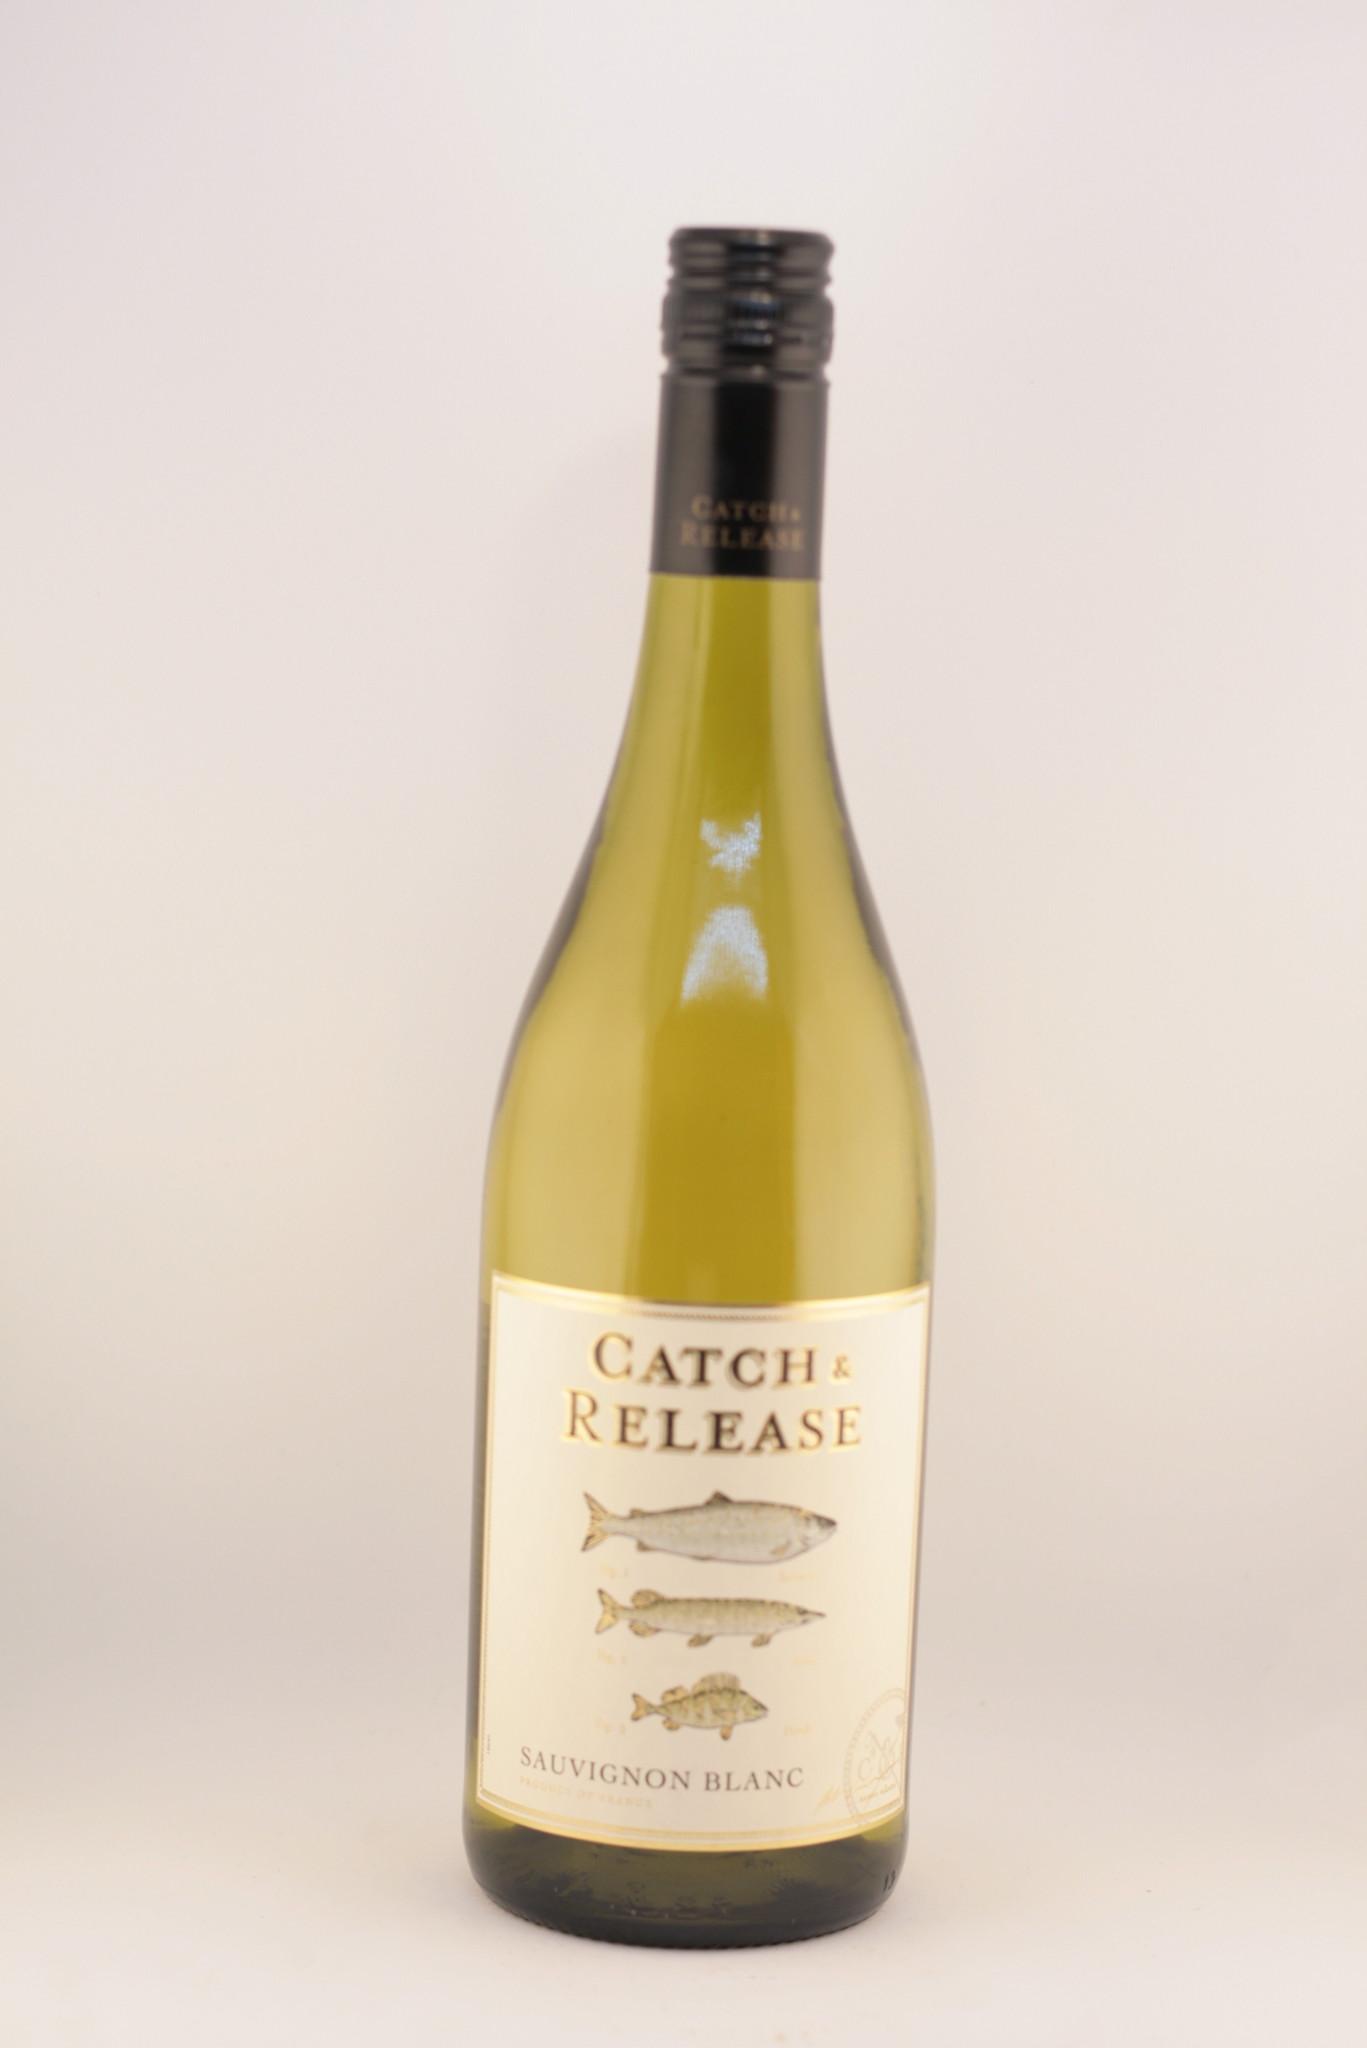 Catch & Release | Les Domaines Auriol | 2015 | Corbieres, Frankrijk | Sauvignon blanc